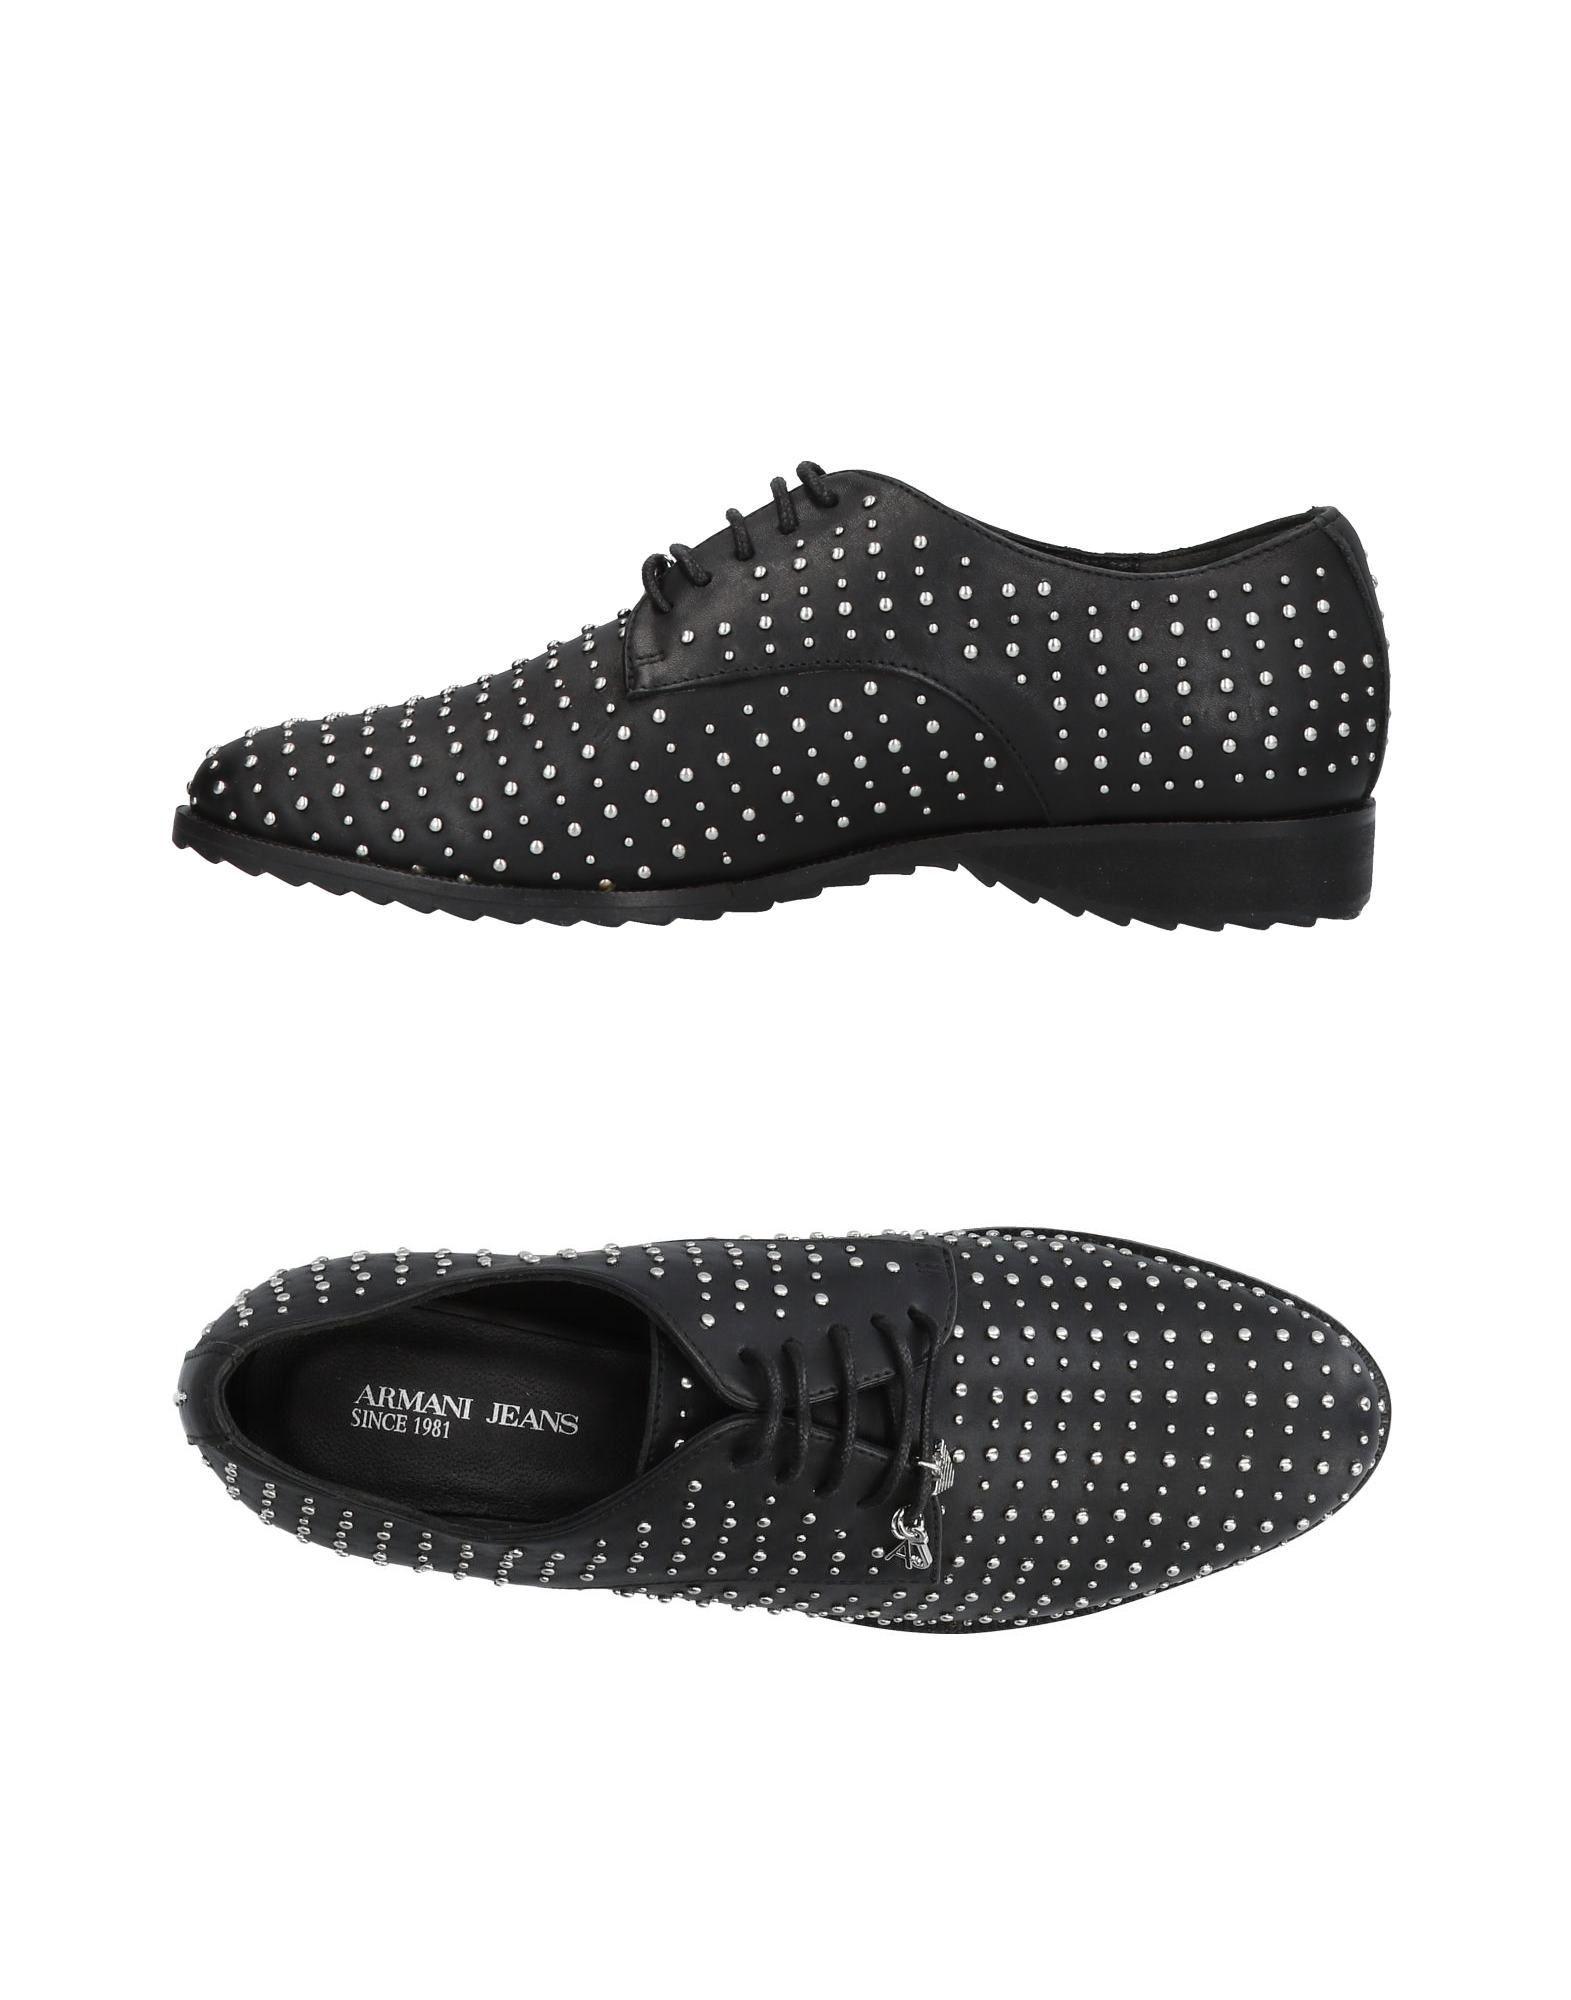 Chaussures À Lacets Armani Jeans Femme - Chaussures À Lacets Armani Jeans sur